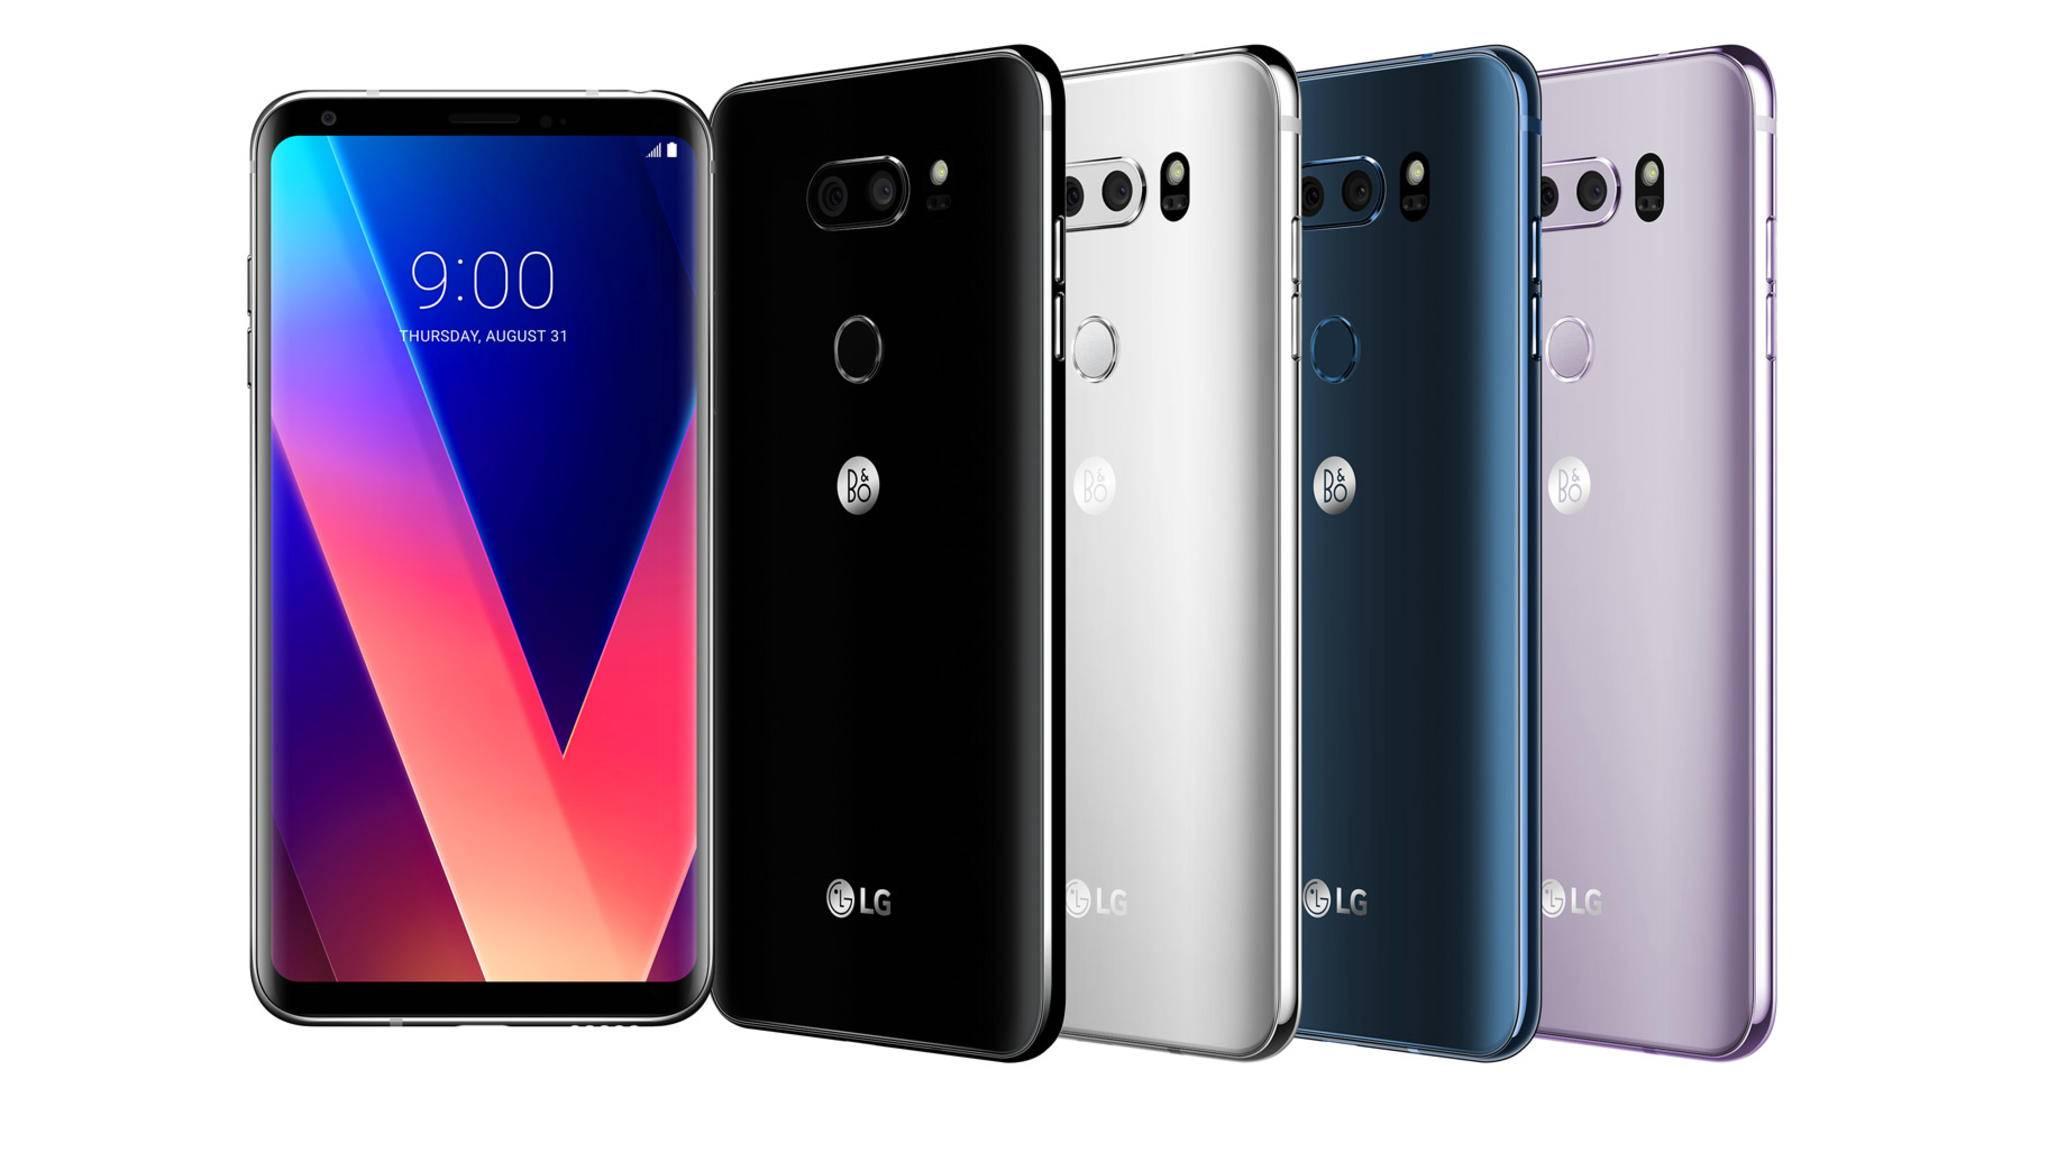 So sieht das neue Smartphone-Flaggschiff von LG aus.